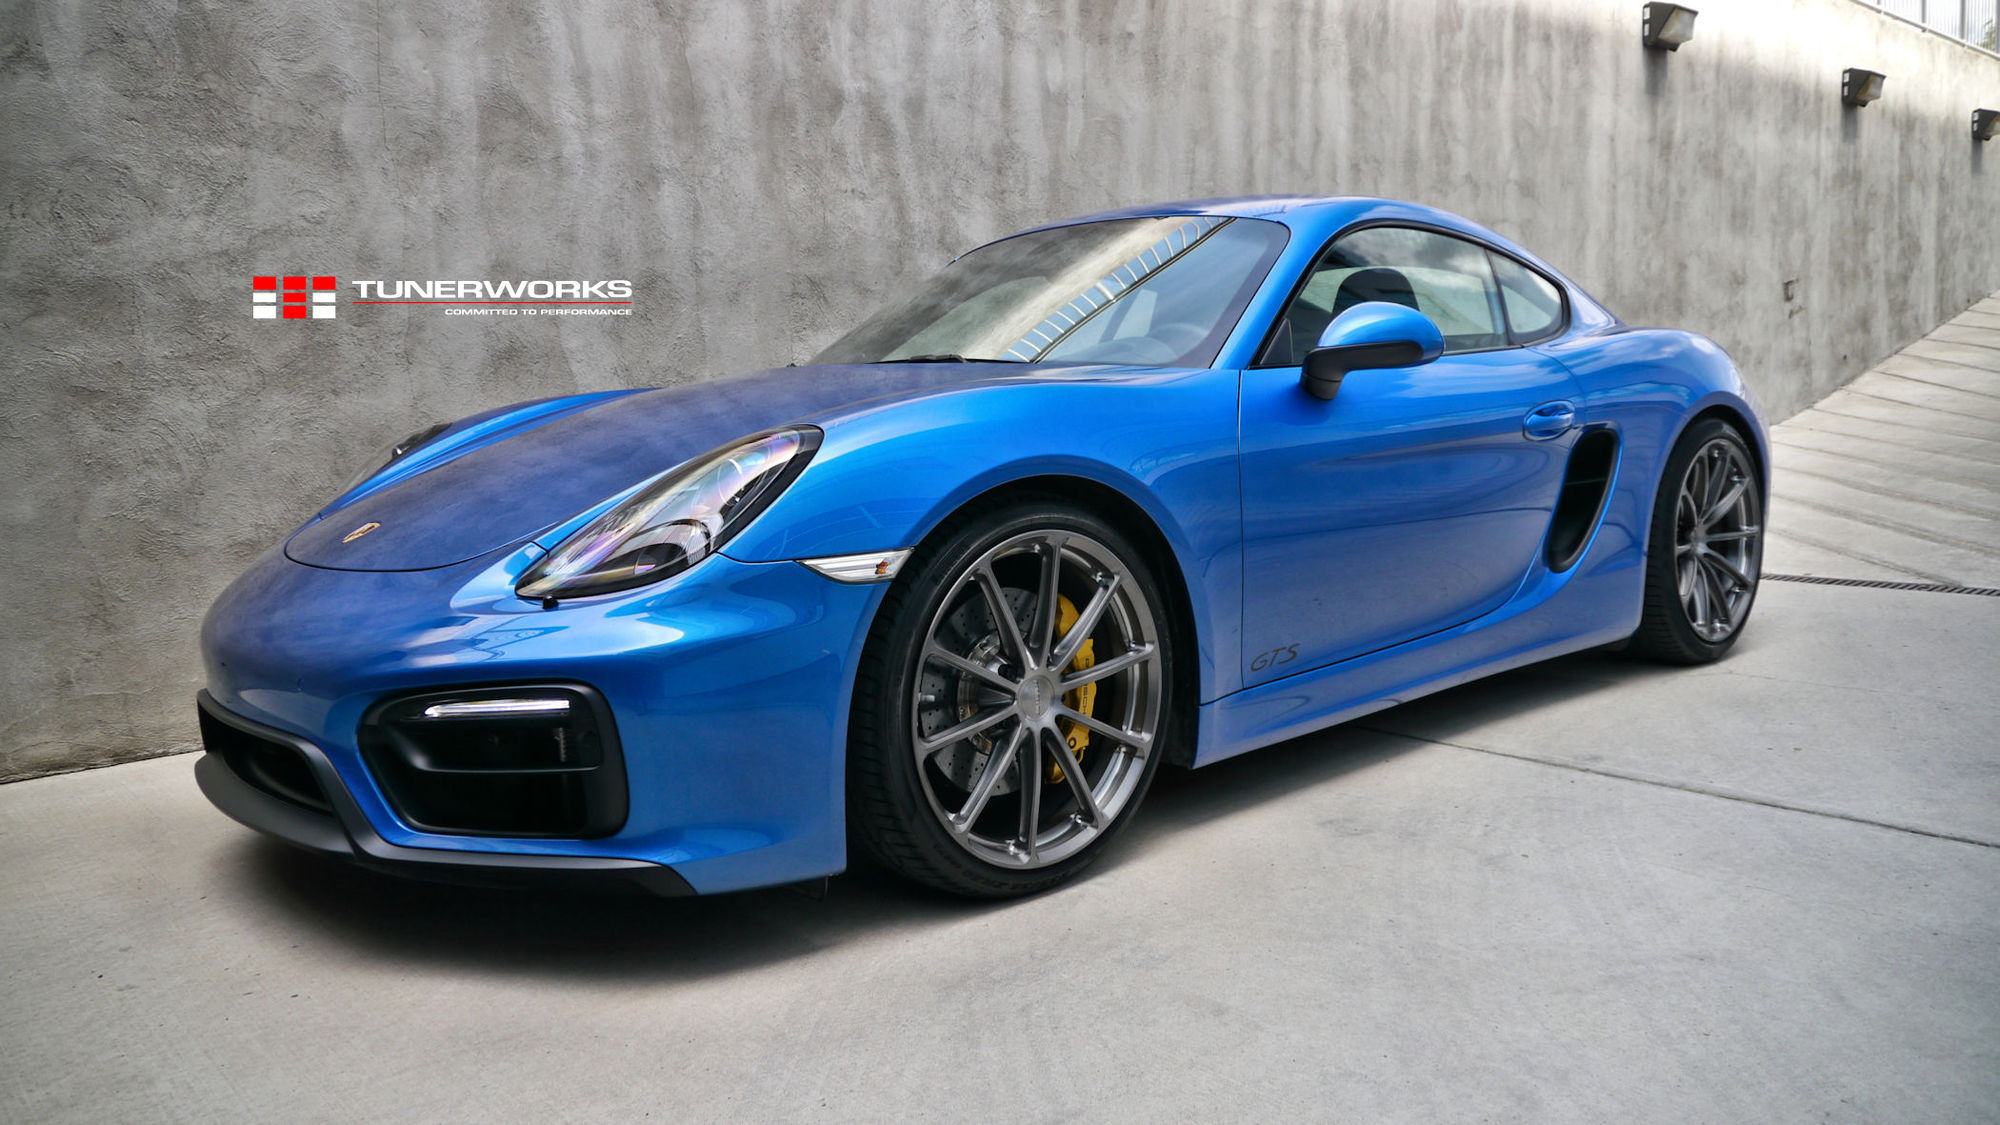 2017 Porsche Cayman   Tunerworks Blue Porsche Cayman GTS on Forgeline One Piece Forged Monoblock GT1 5-Lug Wheels